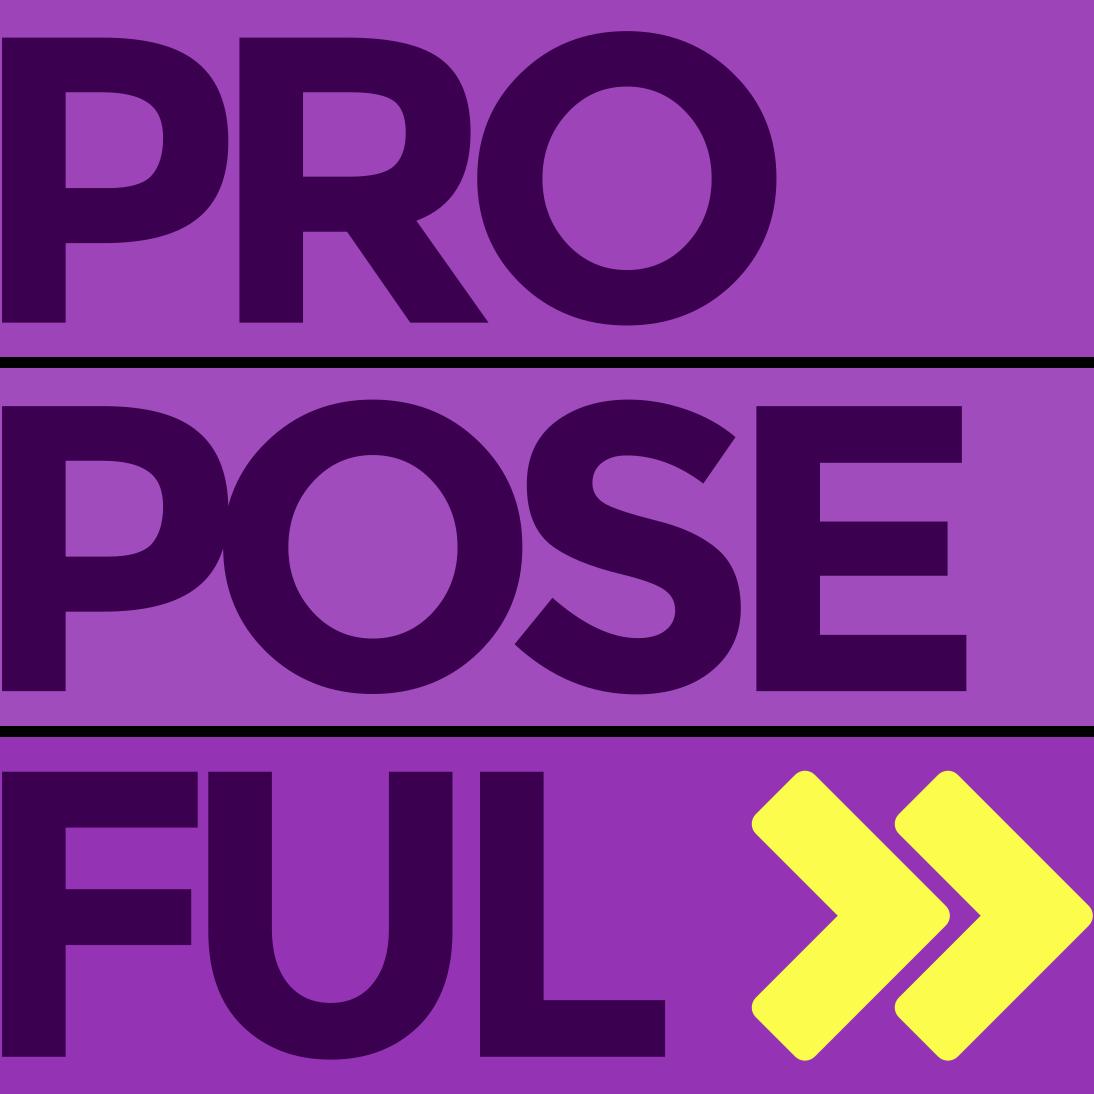 Proposeful 1493397495 logo